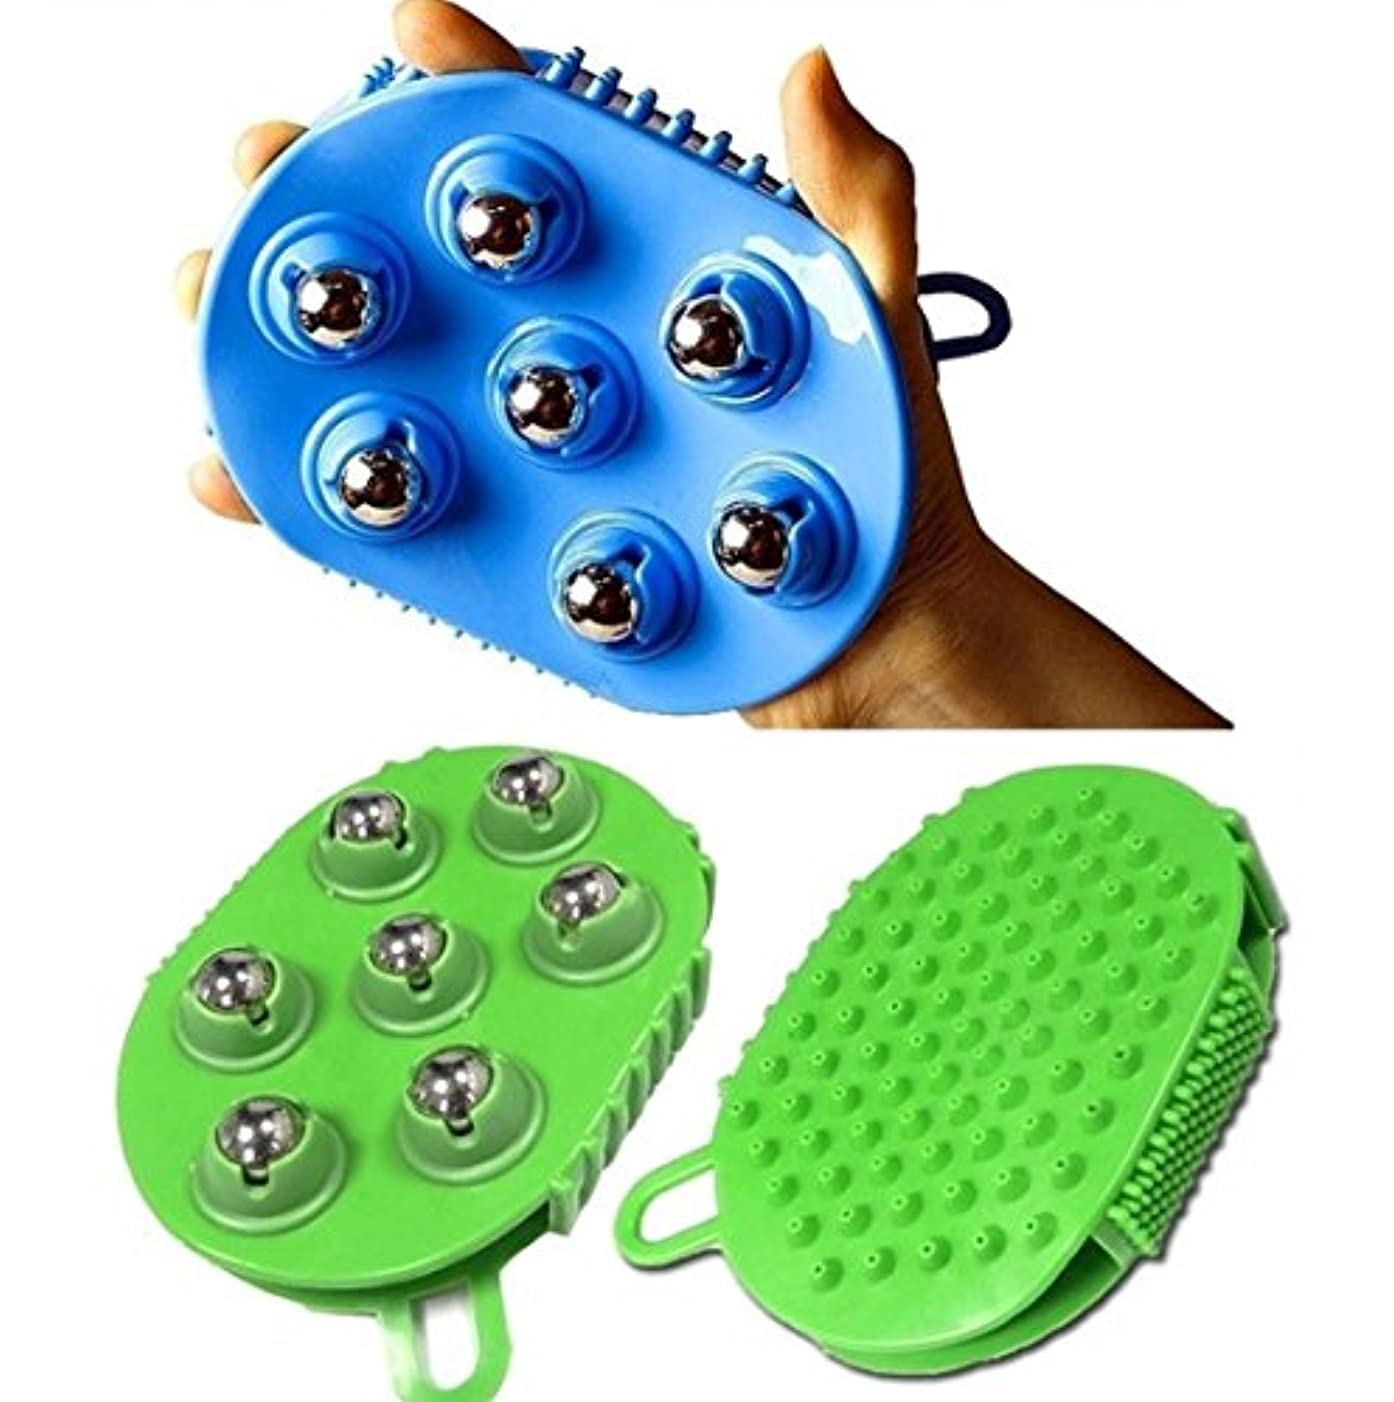 よく話されるエントリジョージスティーブンソンステンレススチールボールマッサージブラシグローブ7ローリング 360度回転 / Stainless steel Ball Massage Brush Glove 7 Rolling 360 degree rotation...